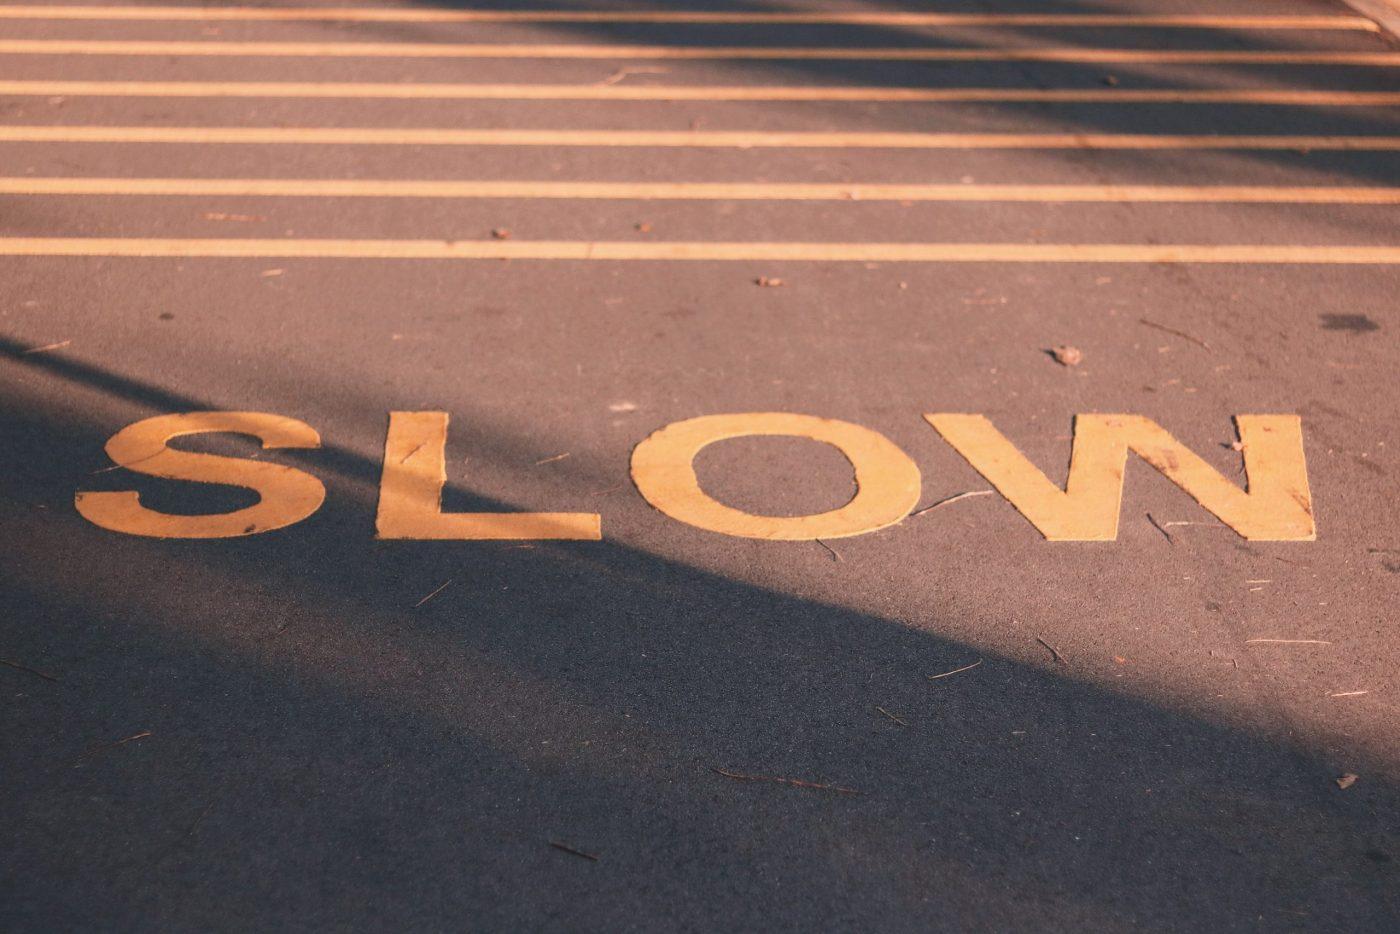 Un signe slow inscrit sur la route, incitant à ralentir